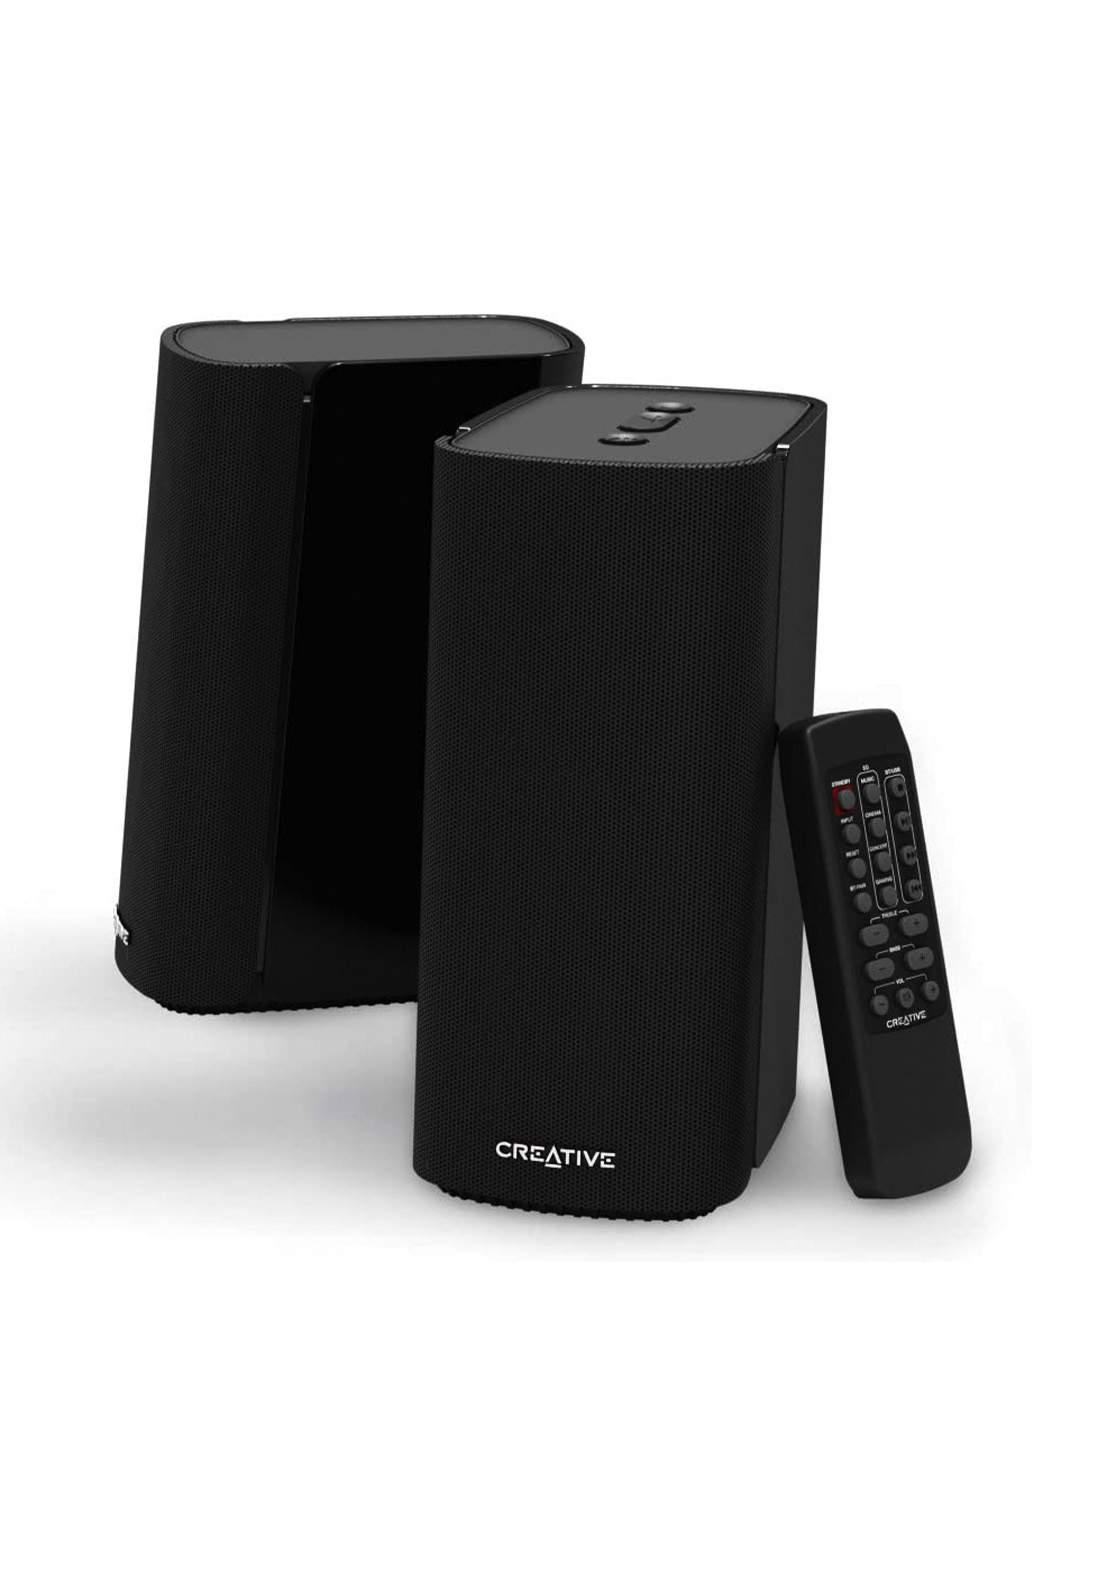 Creative T100 2.0 Compact Hi-Fi Desktop Speakers - Black مكبر صوت